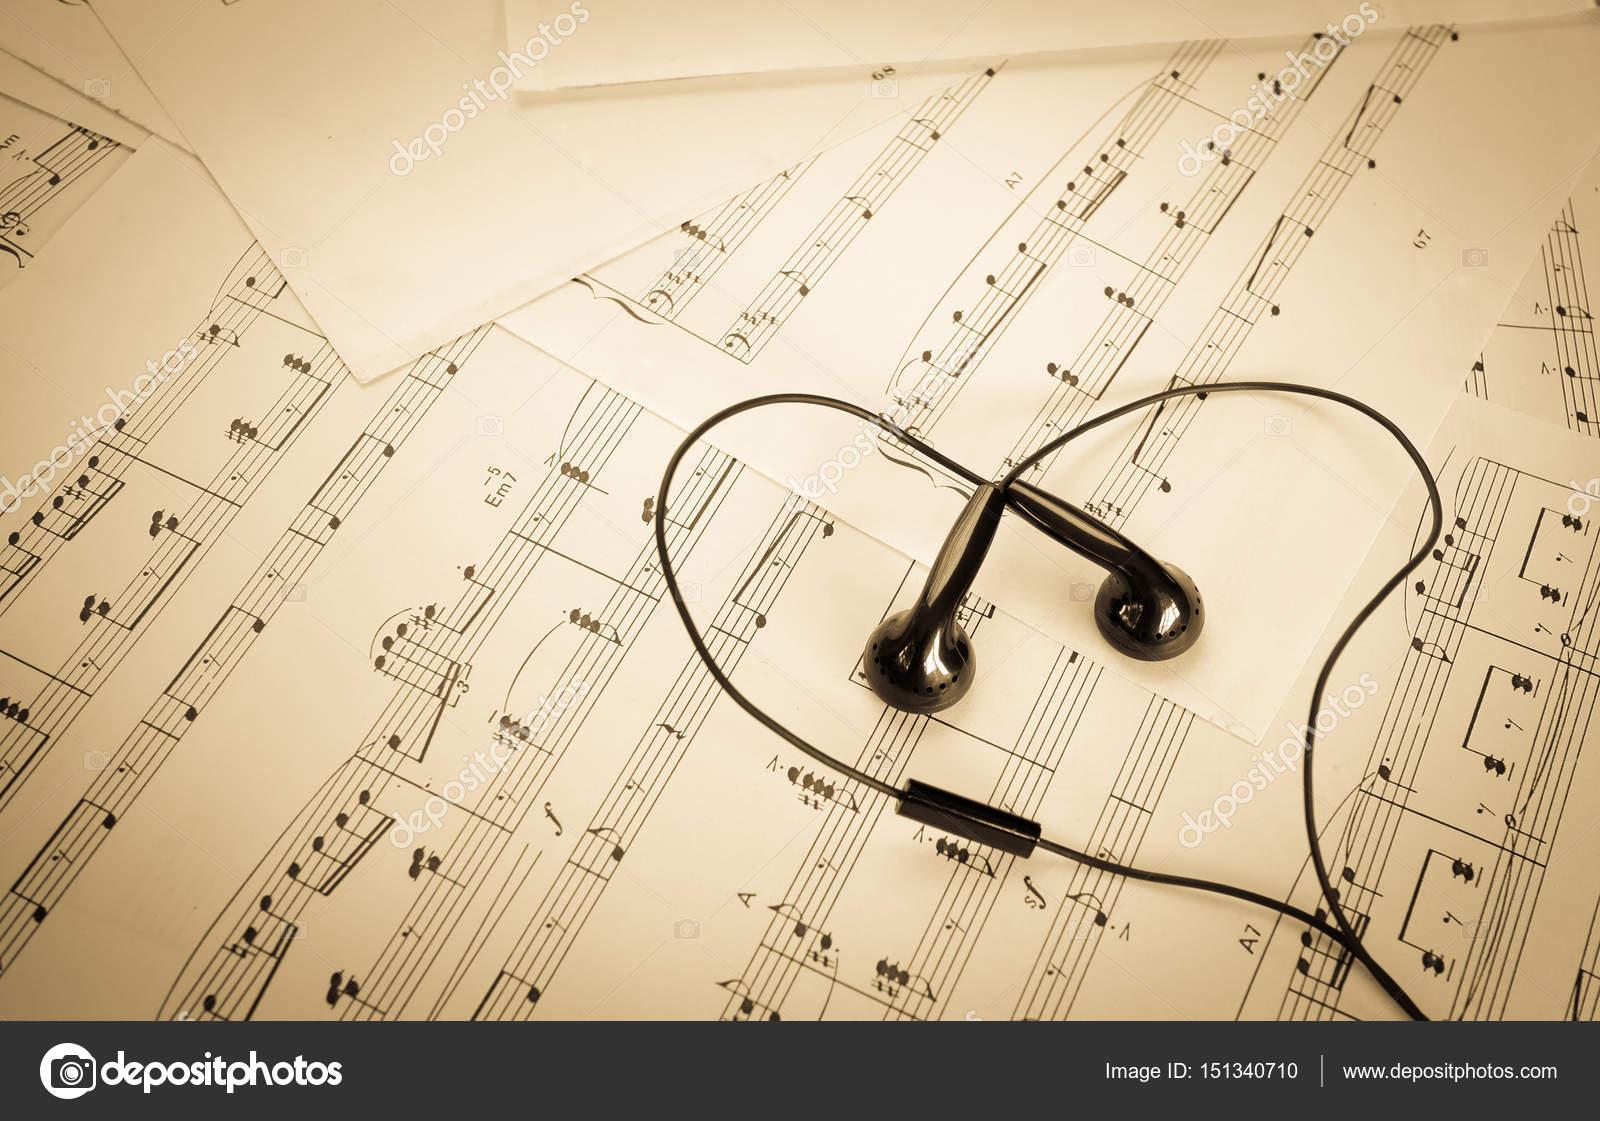 Earphone on music sheet look like heart stock photo princeoflove earphone on music sheet look like heart stock photo ccuart Image collections